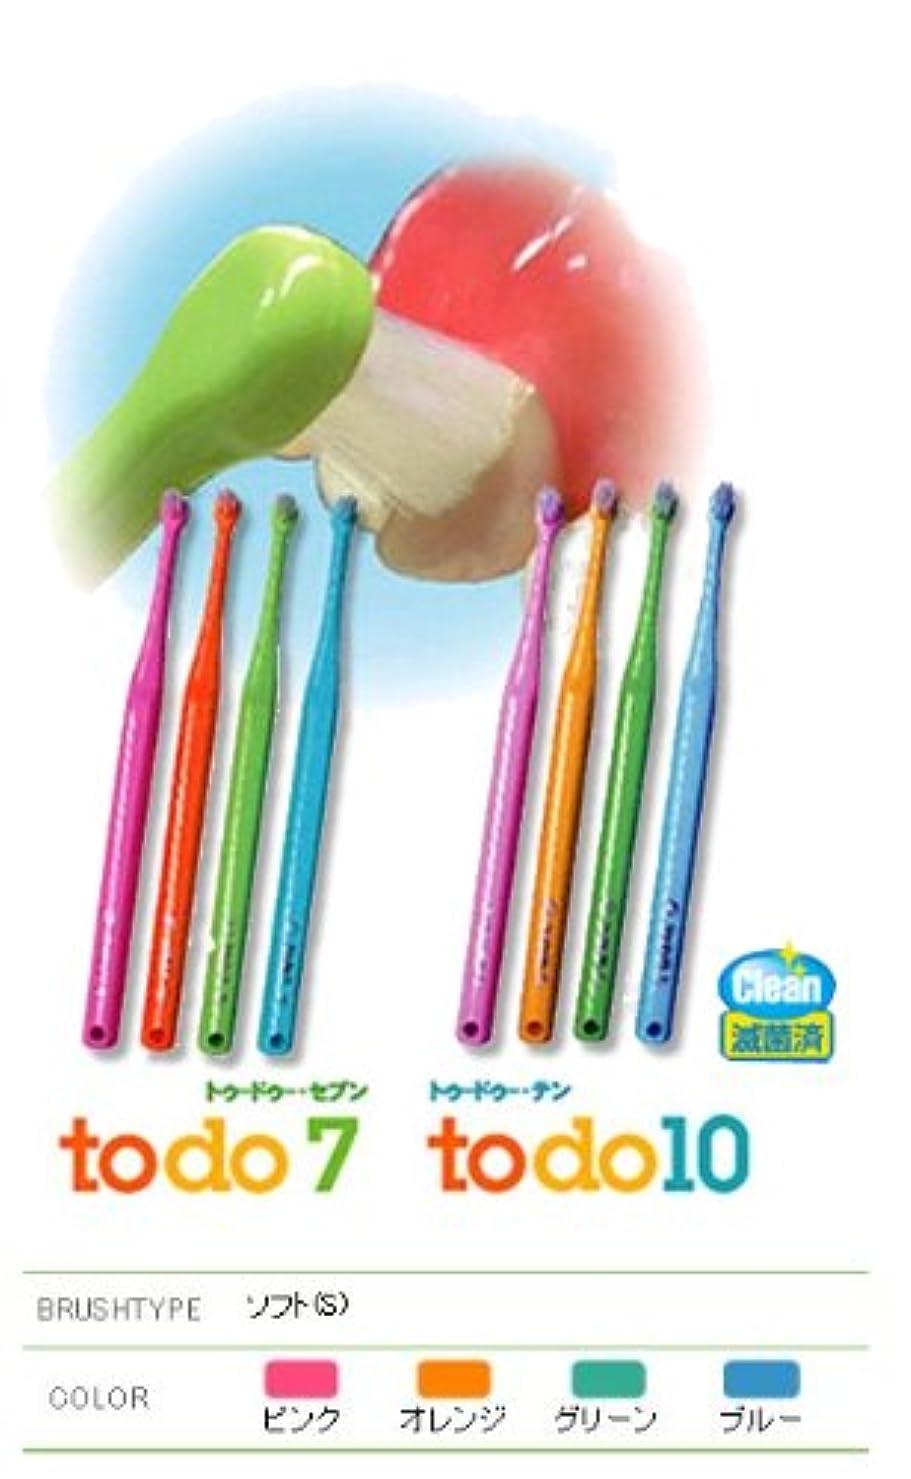 紀元前プロフィールレッスン【オーラルケア】【歯科用】todo10 1箱(24本)【歯ブラシ】【滅菌済】4色(アソート)トゥードゥー?テン